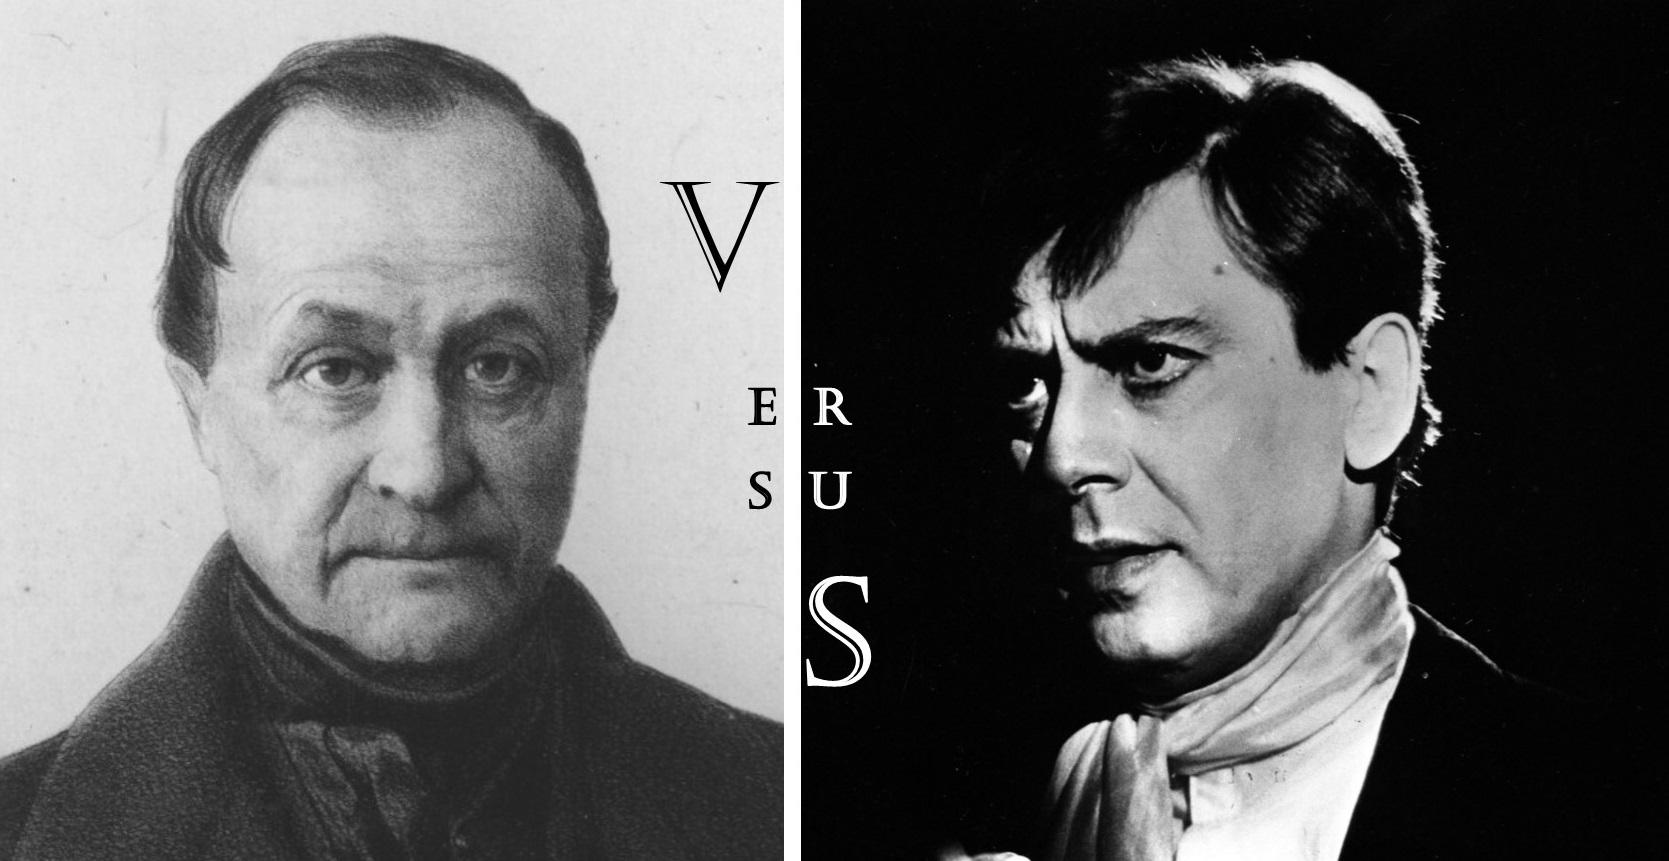 Le métier de la critique: Auguste Comte versus Carmelo Bene